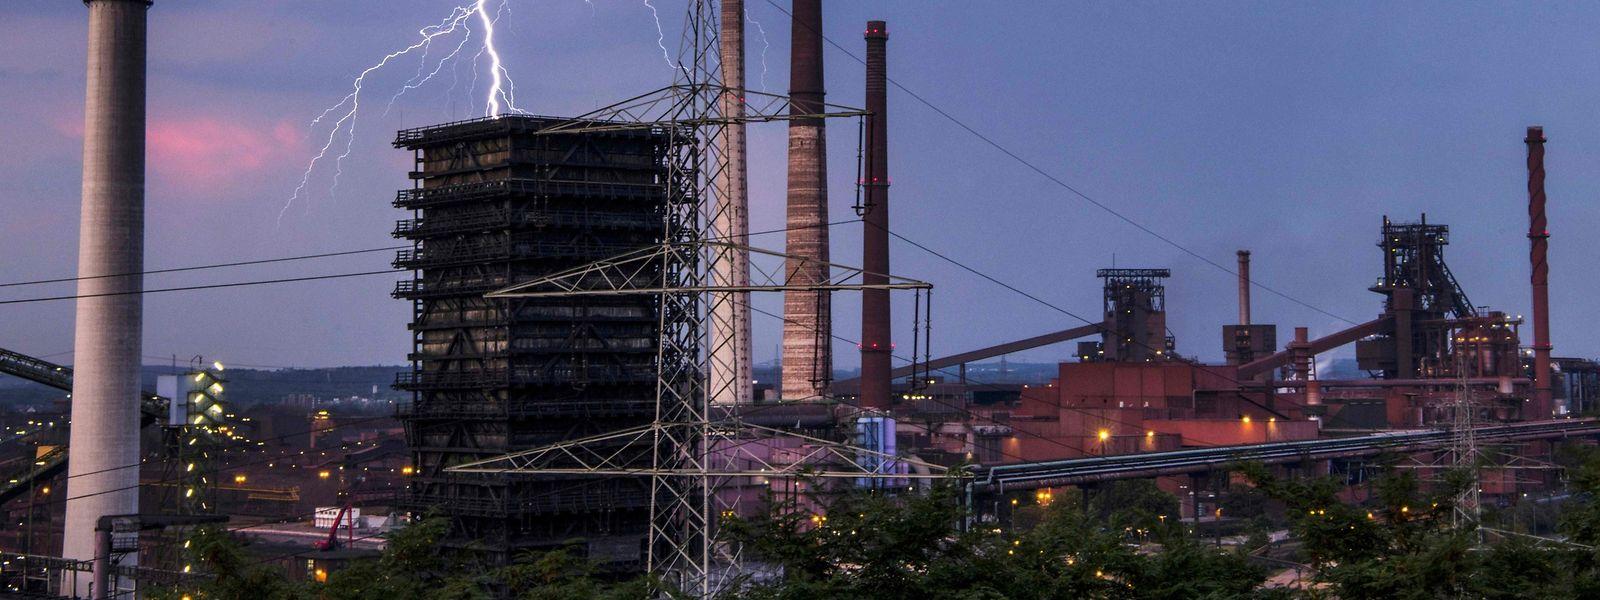 La production industrielle hors bâtiment a chuté de 3,6% en Allemagne l'an dernier.